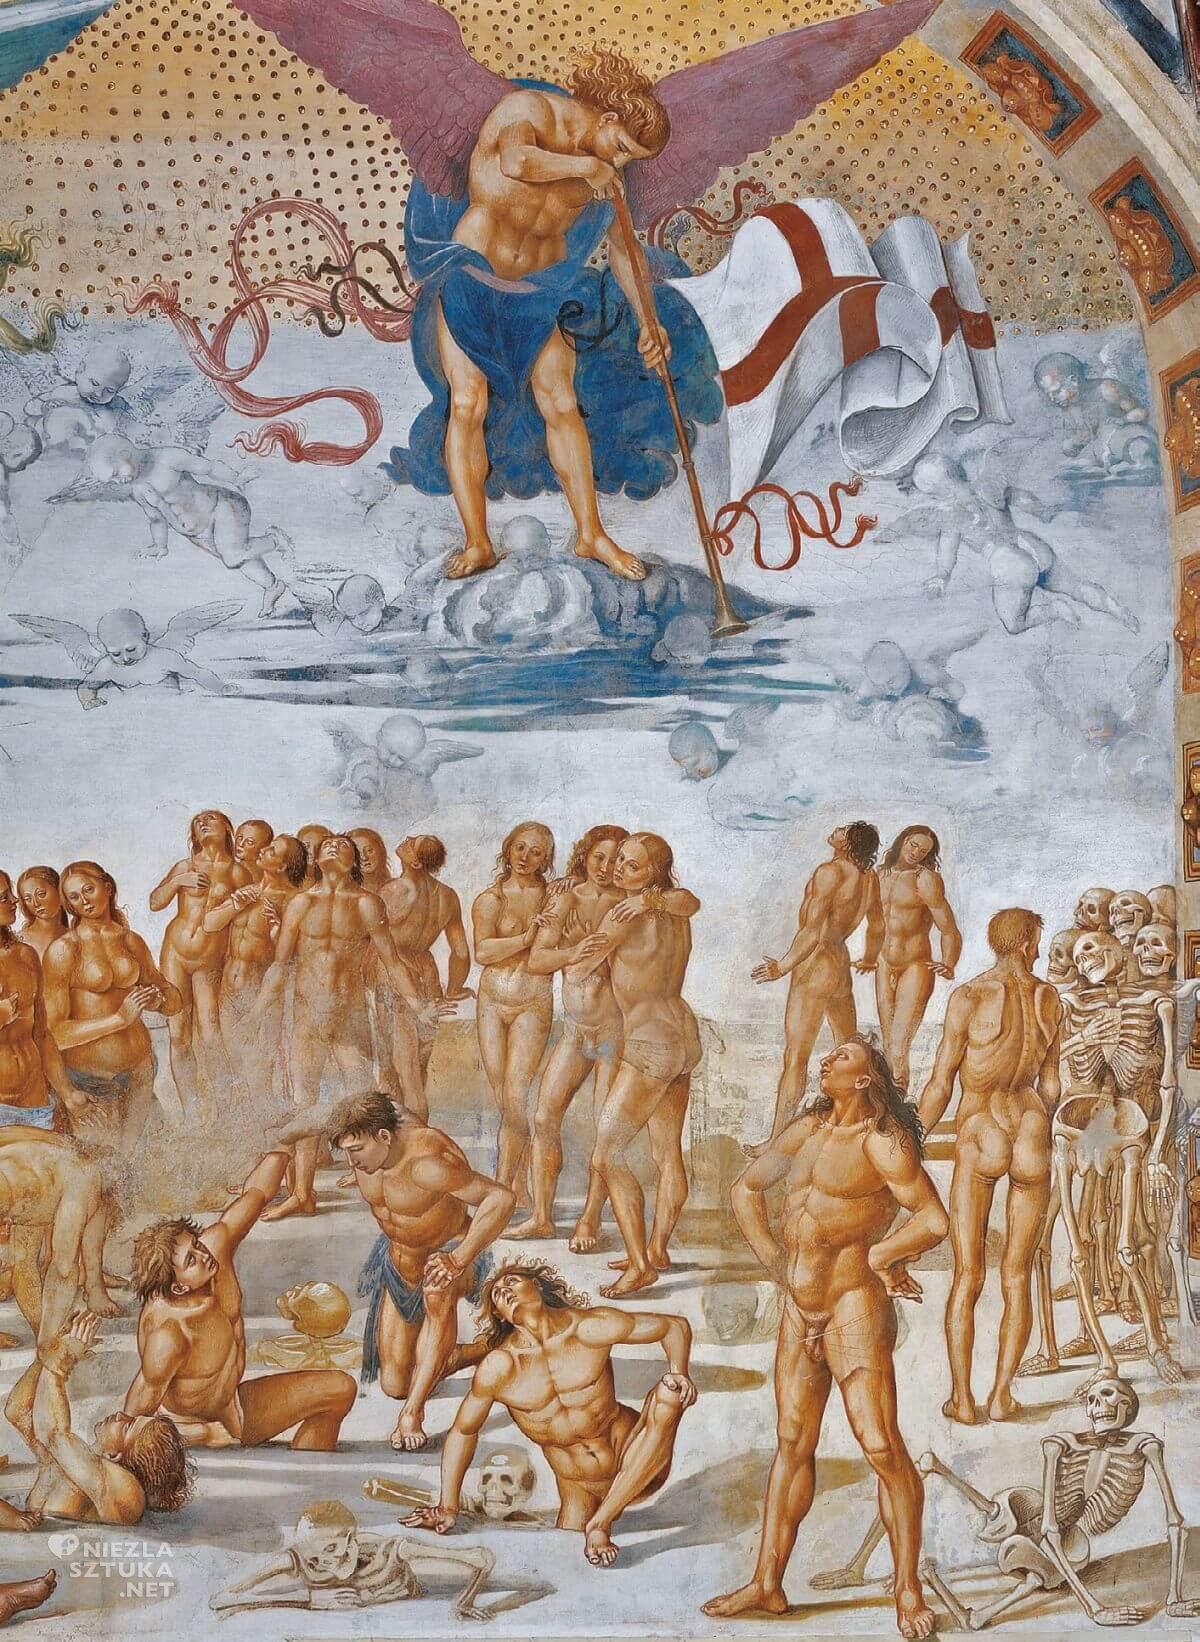 Luca Signorelli, fresk, katedra w Orvieto, capella di San Brizio, sztuka włoska, Niezła sztuka